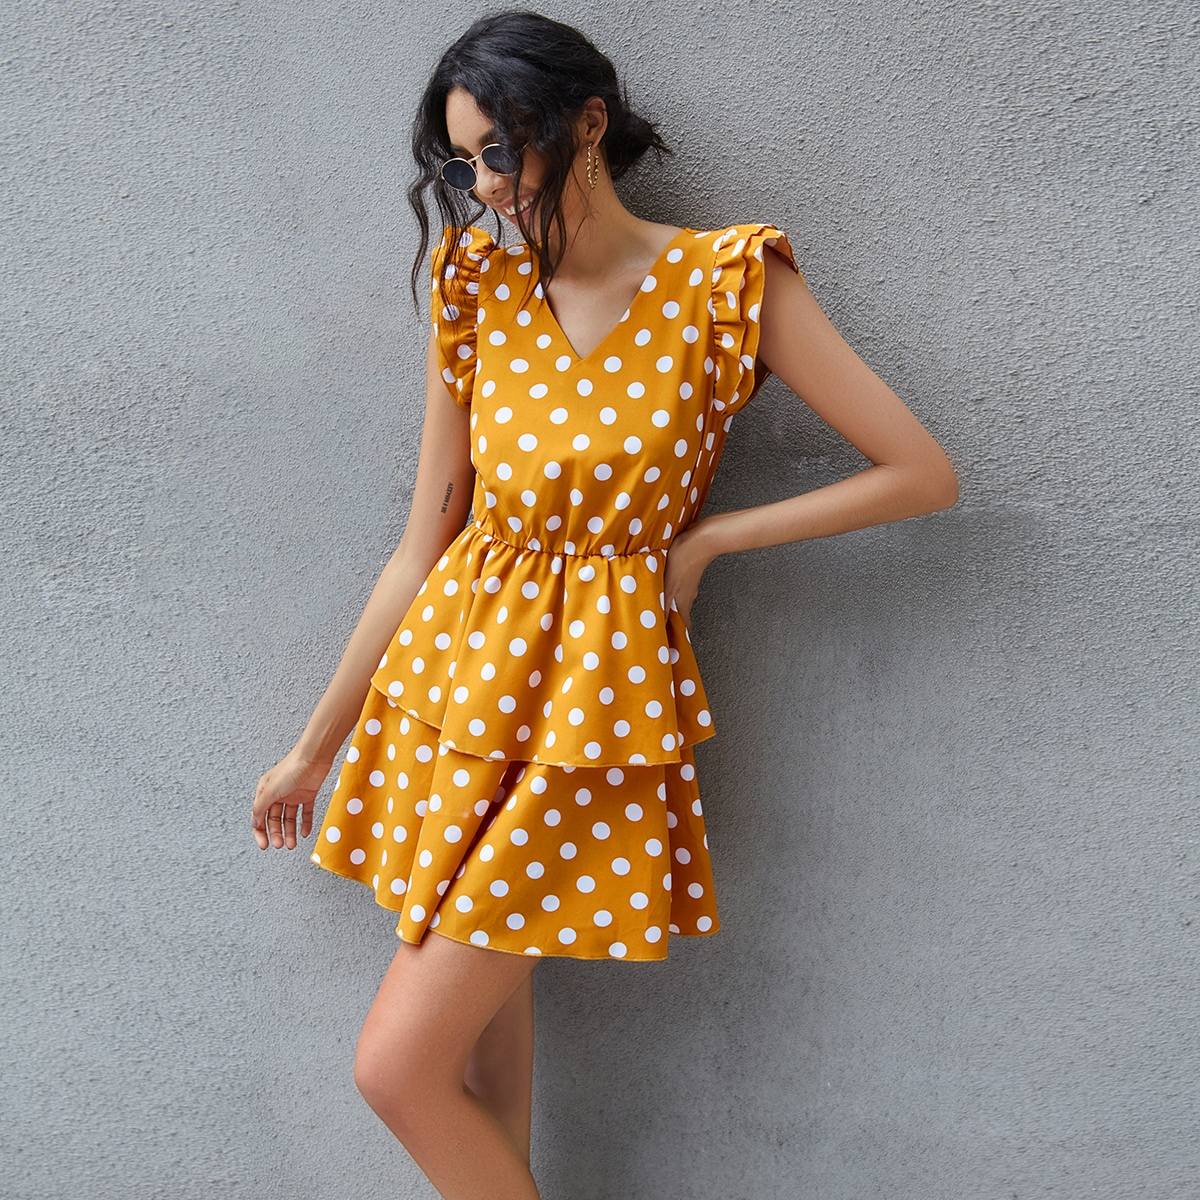 SHEIN / Polka Dot Layered Ruffle A-line Dress